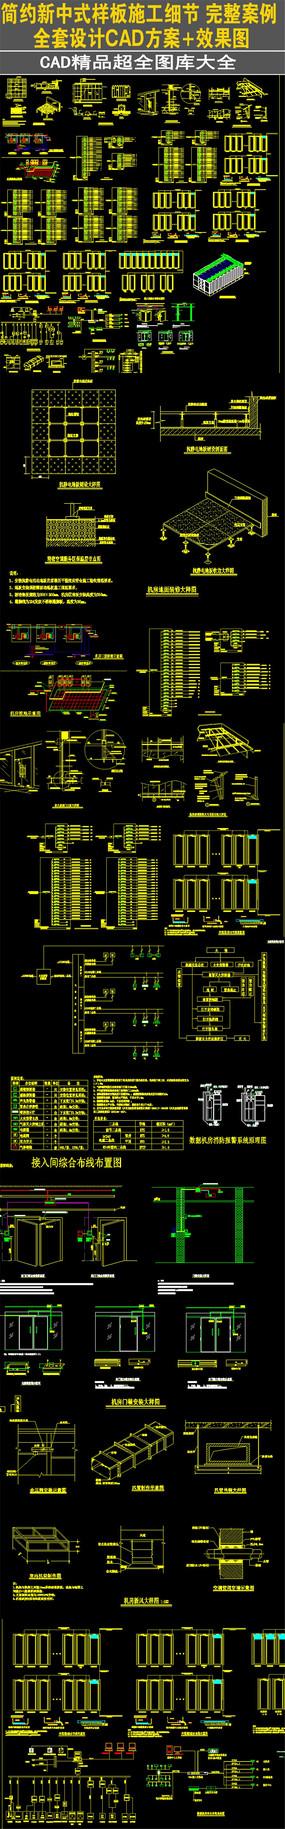 机房弱电系统图机柜综合布线配电